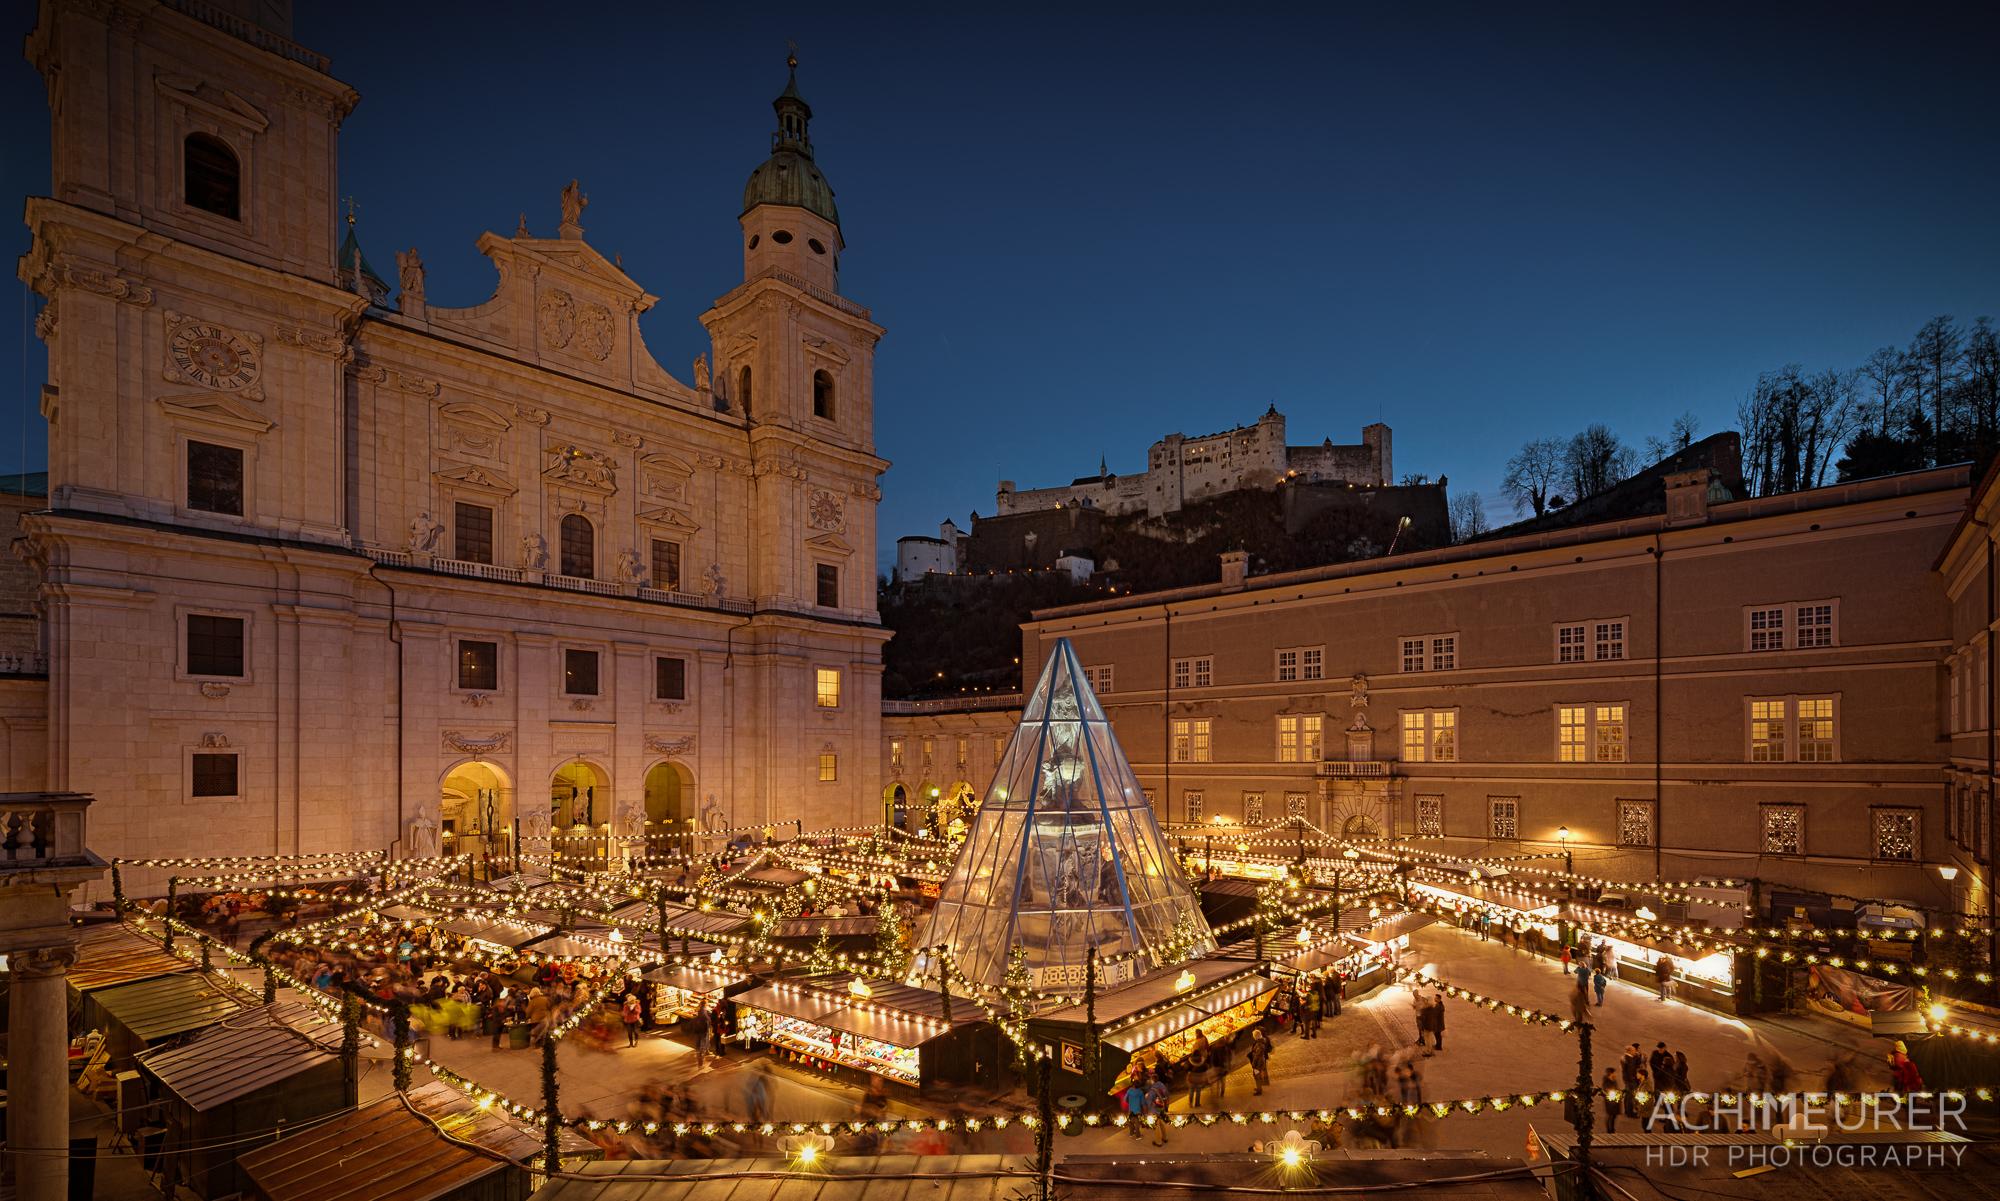 Weihnachtsmarkt Salzburg Domplatz HDR